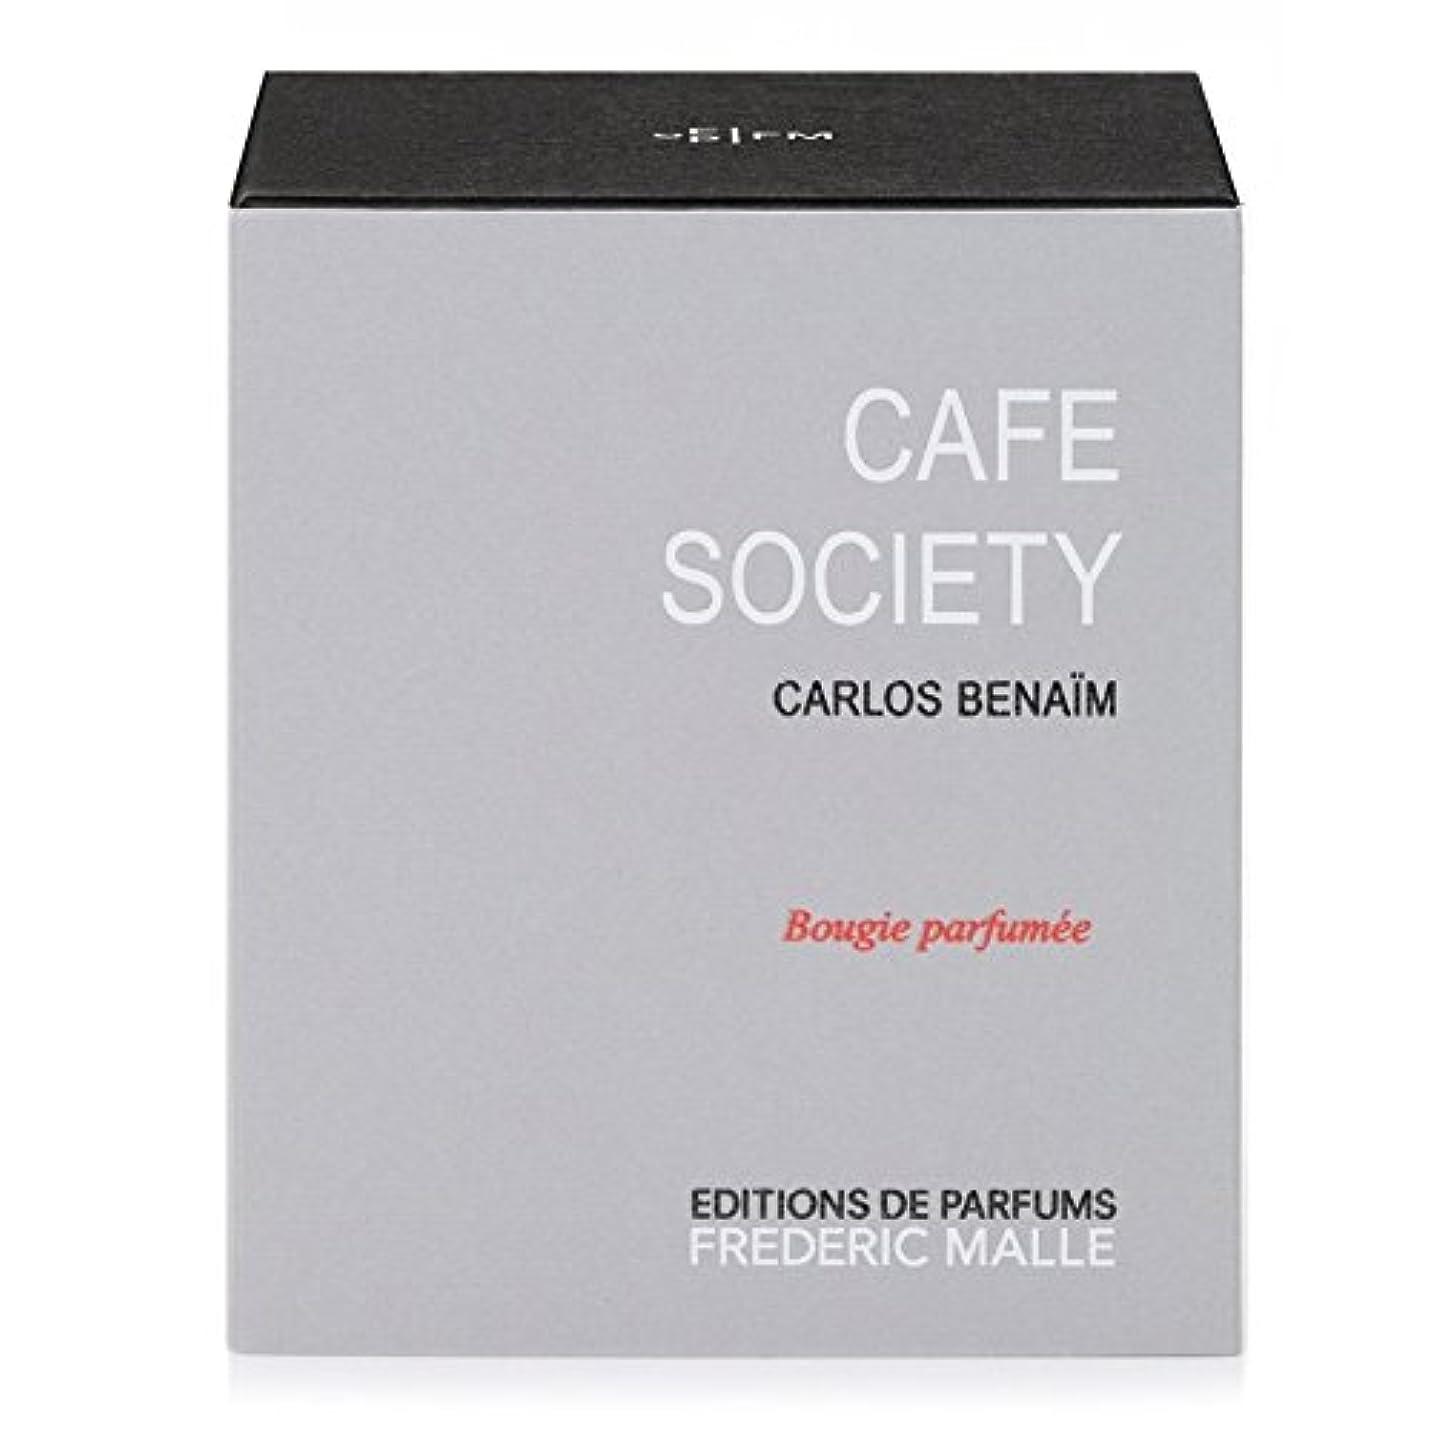 みすぼらしいキャリアまだFrederic Malle Cafe Society Scented Candle 220g (Pack of 2) - フレデリック?マルカフェ社会の香りのキャンドル220グラム x2 [並行輸入品]